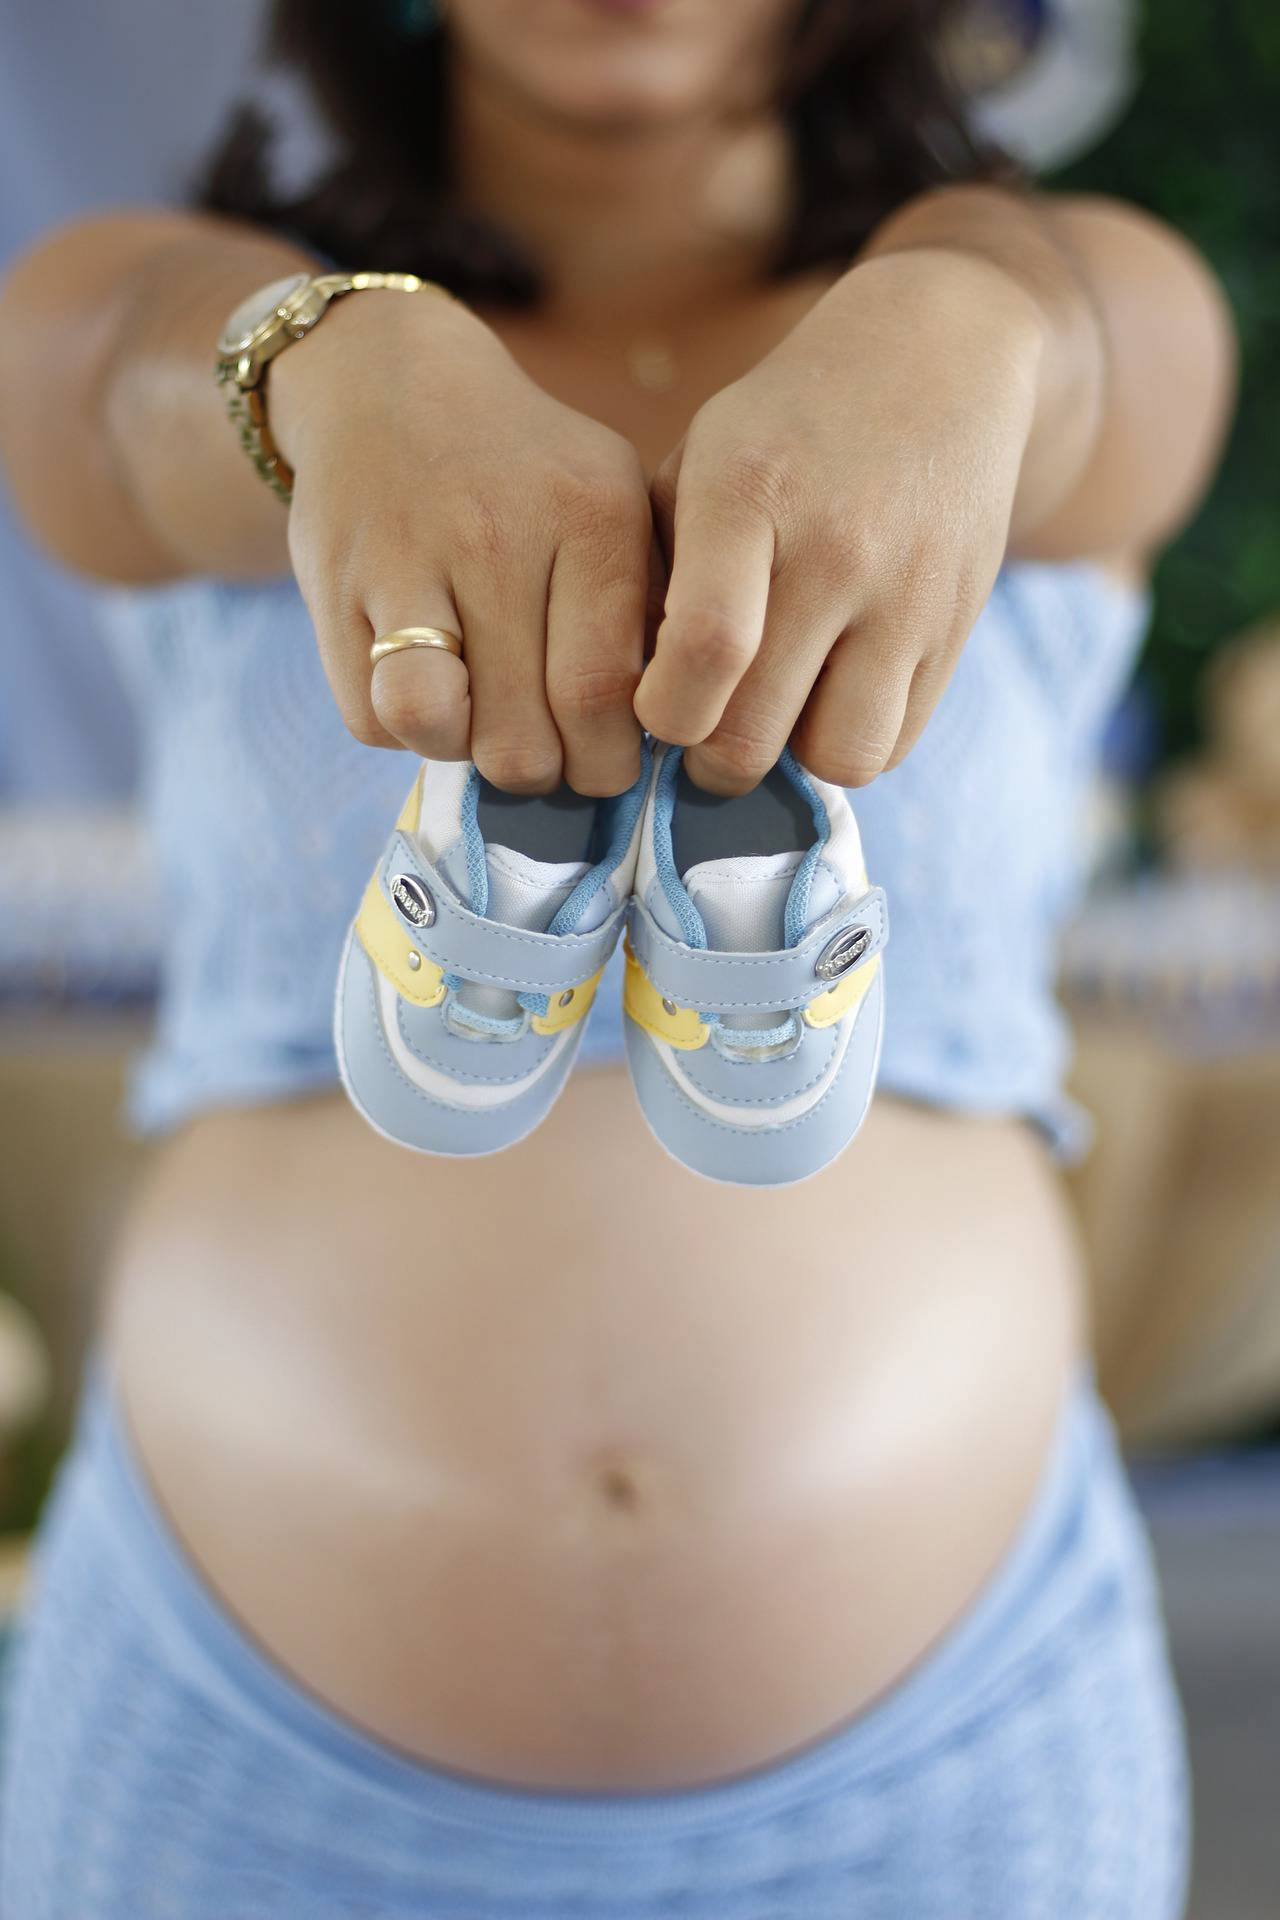 Список необходимого и желательного для новорожденного в первые месяцы жизни